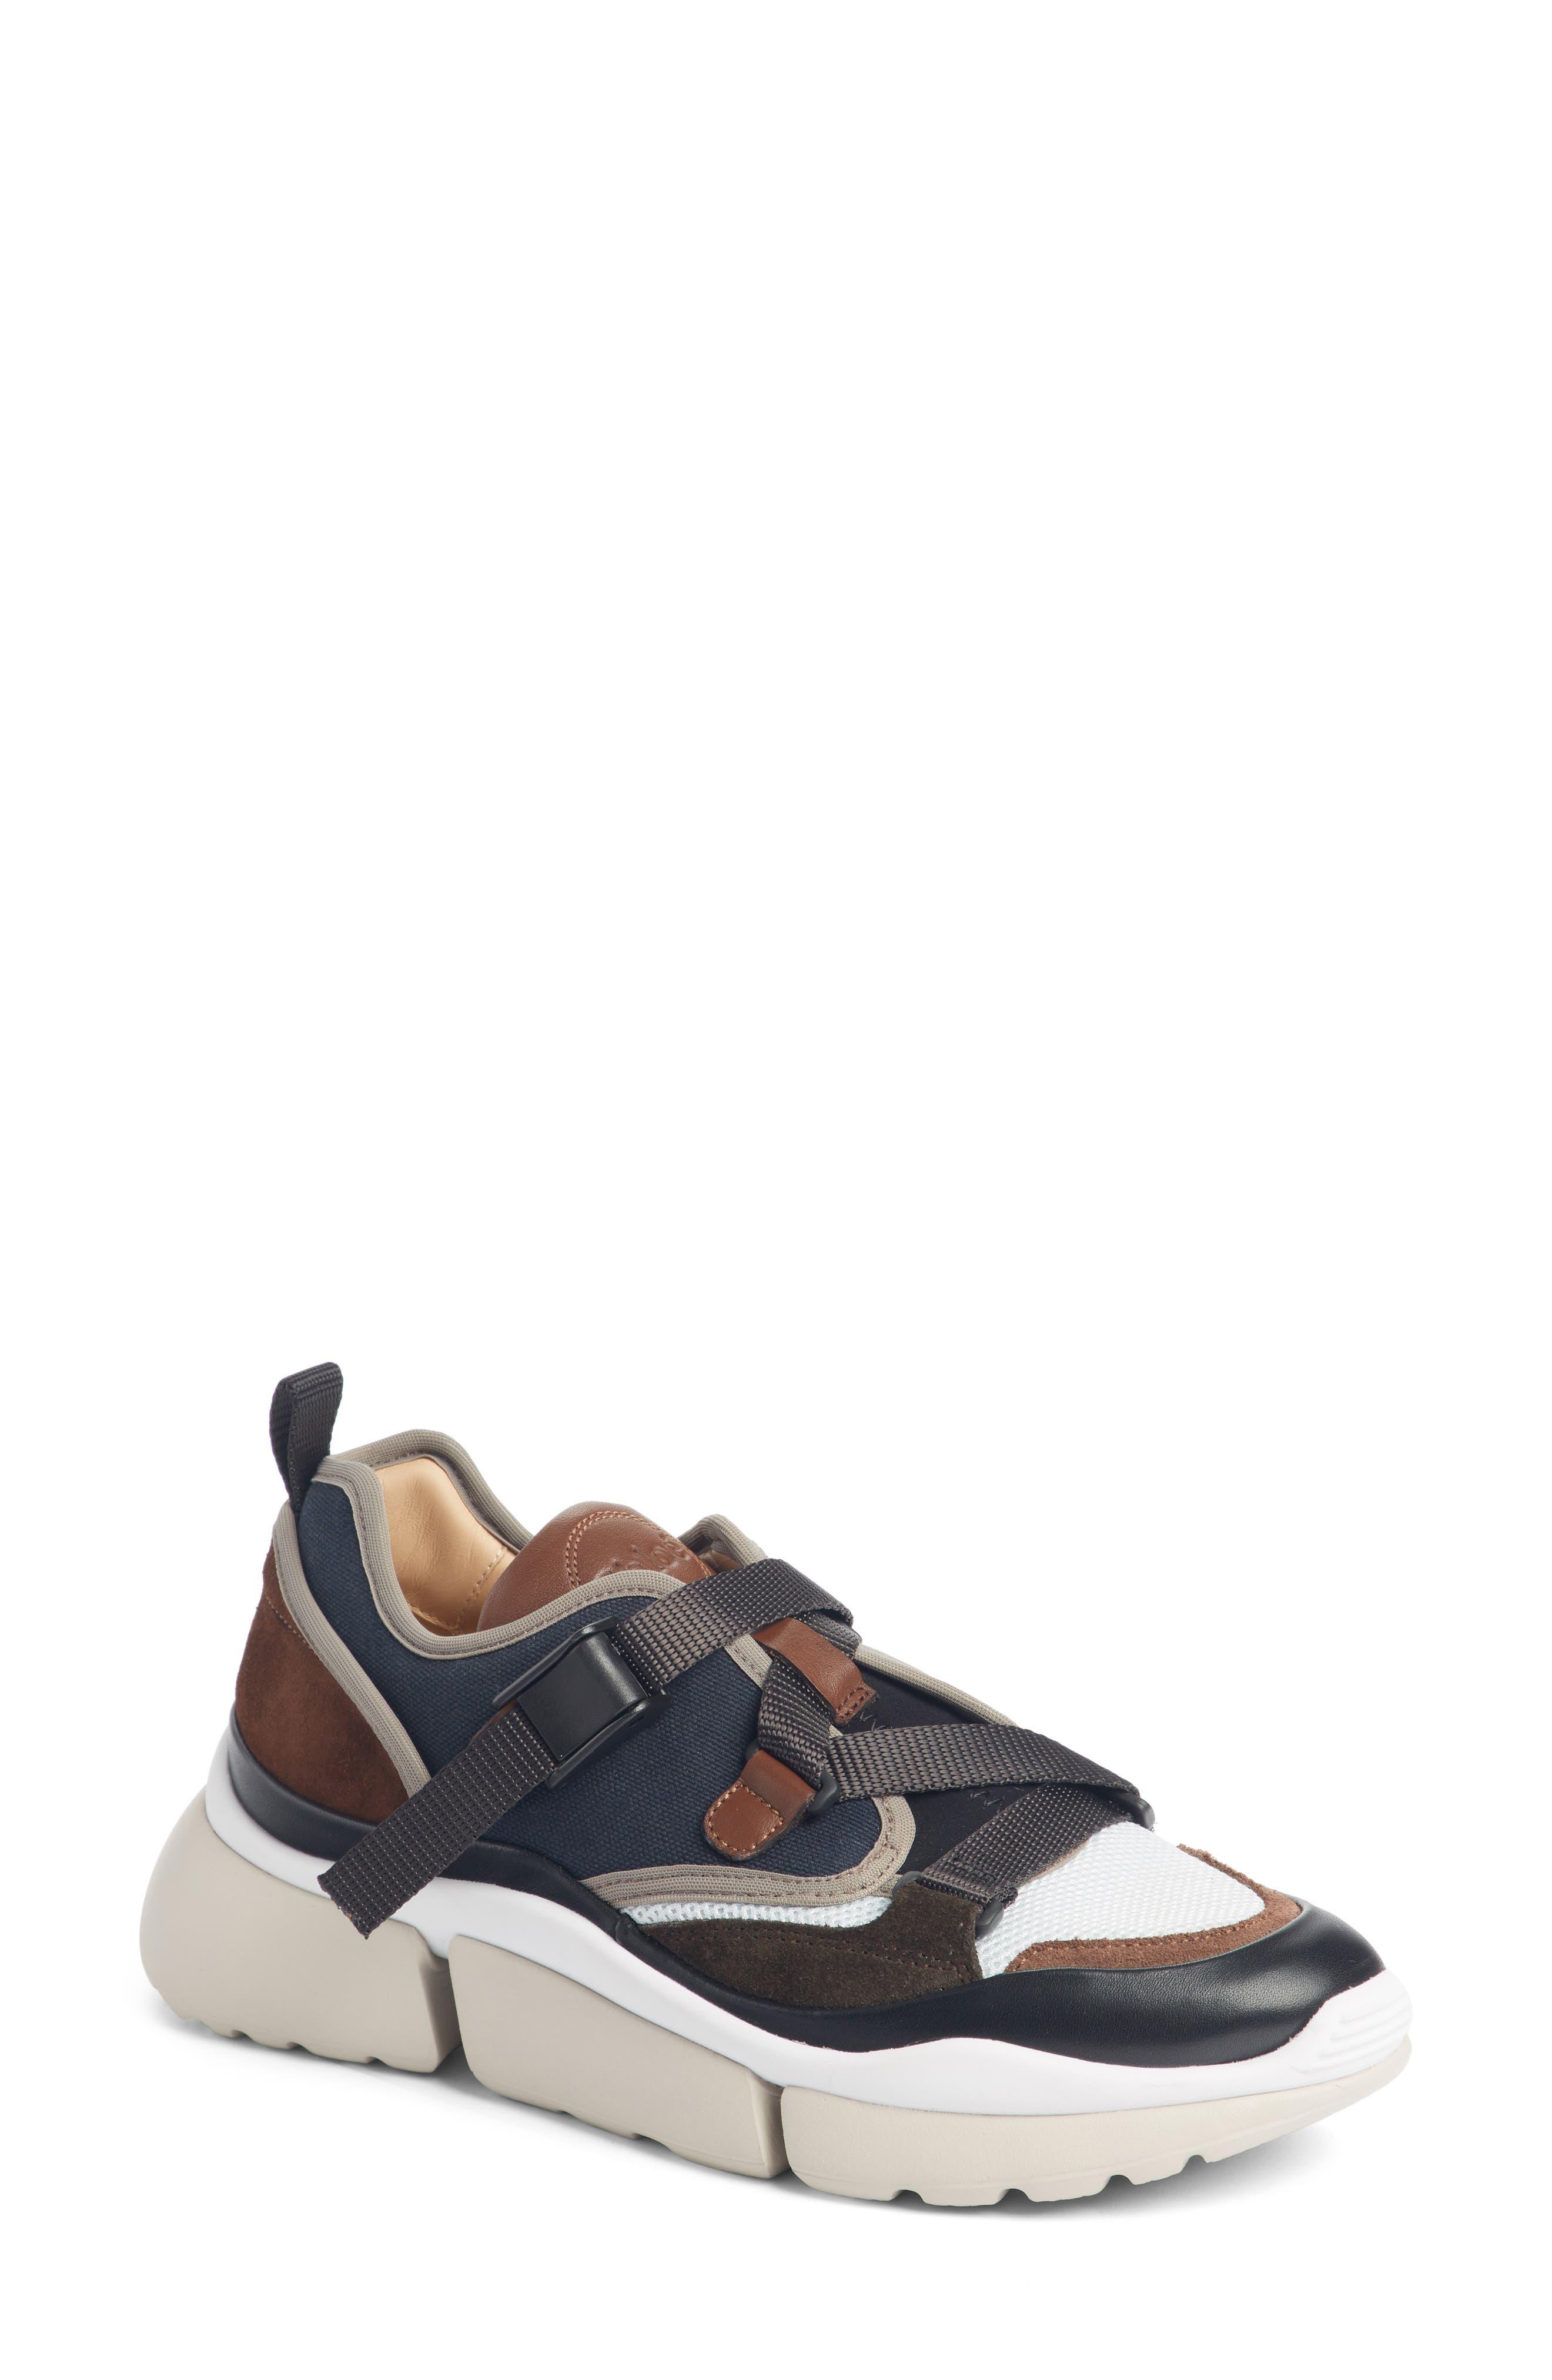 Chloe Sonnie Low Top Sneaker, Blue